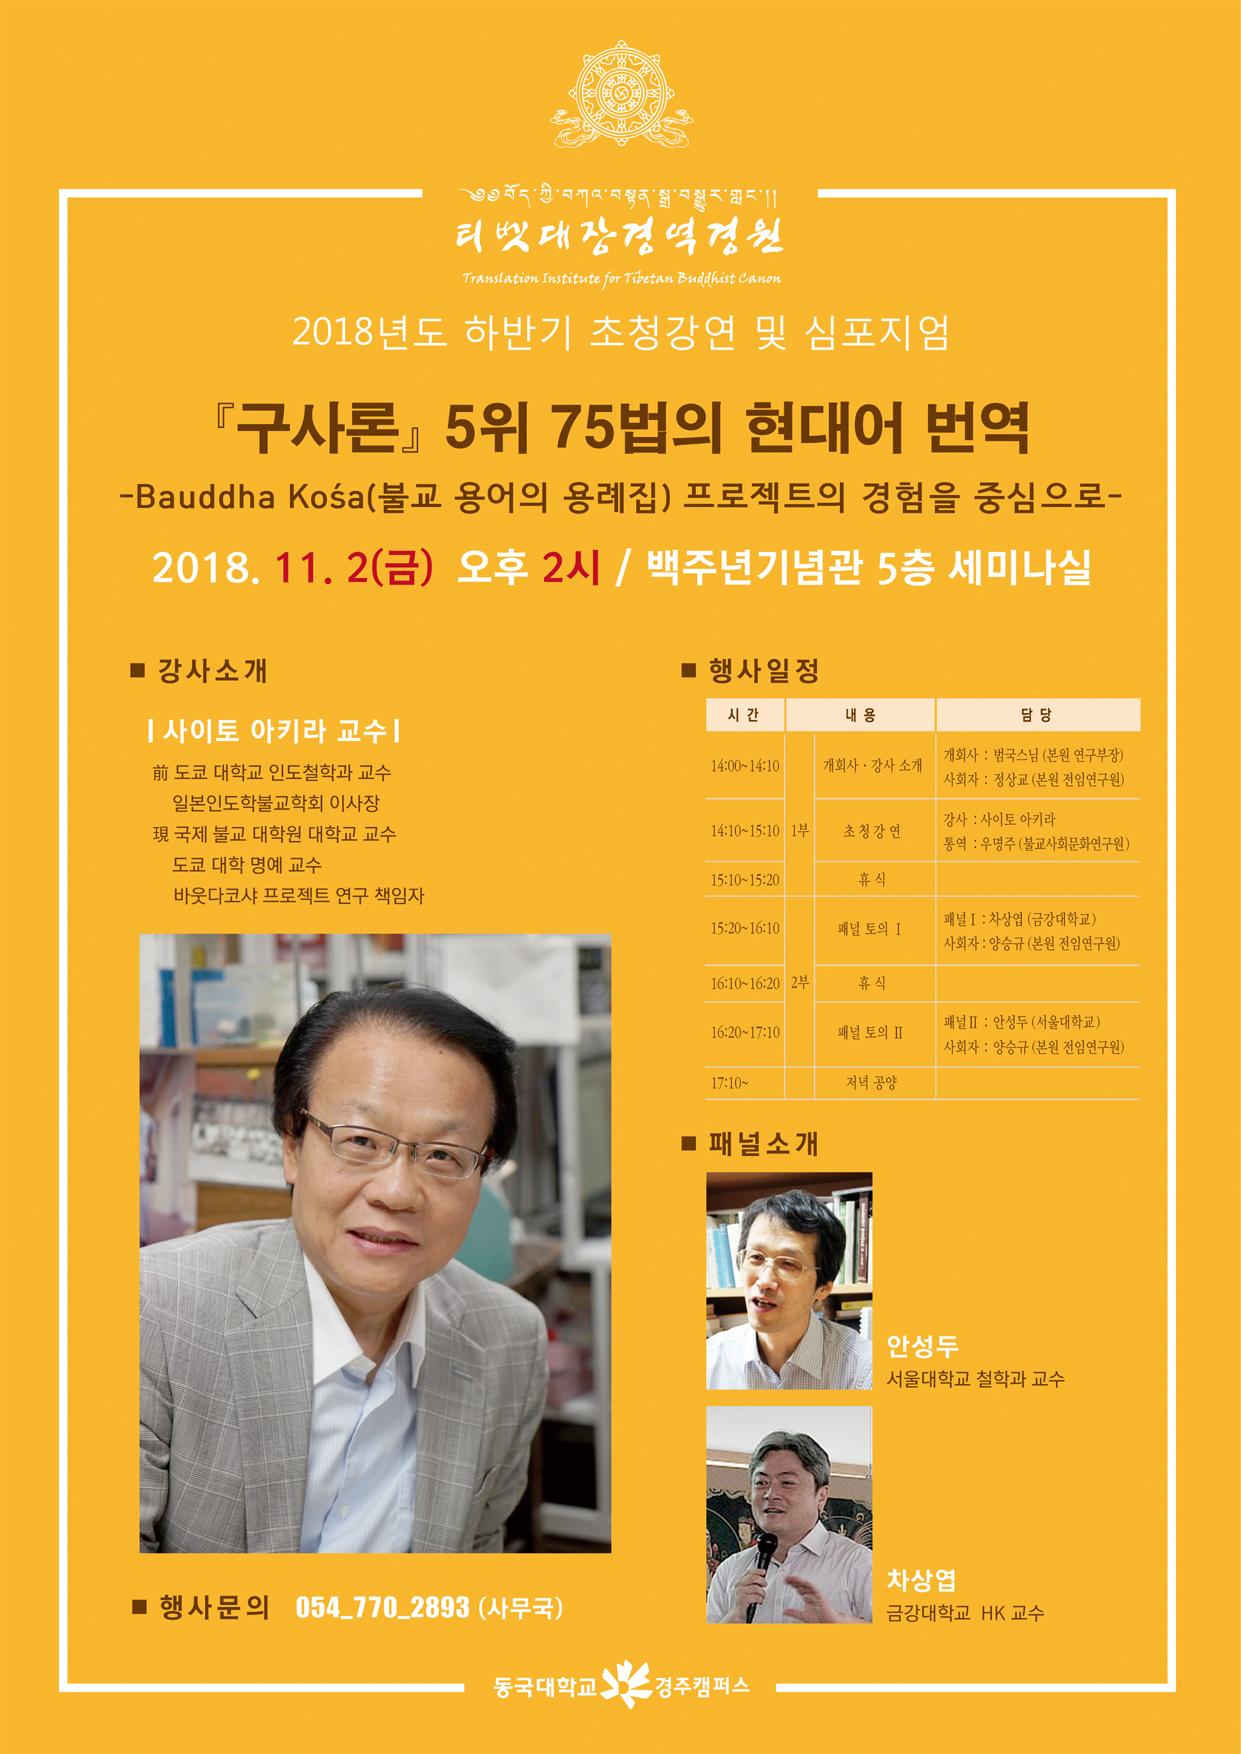 180928_사이토 아키라 교수님 초청강연 포스터_1.jpg